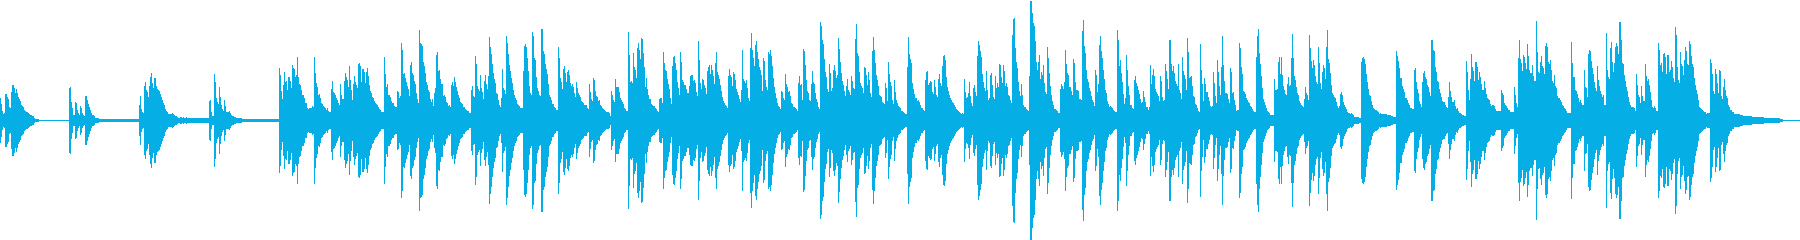 不気味な音色の切ないピアノソロの再生済みの波形